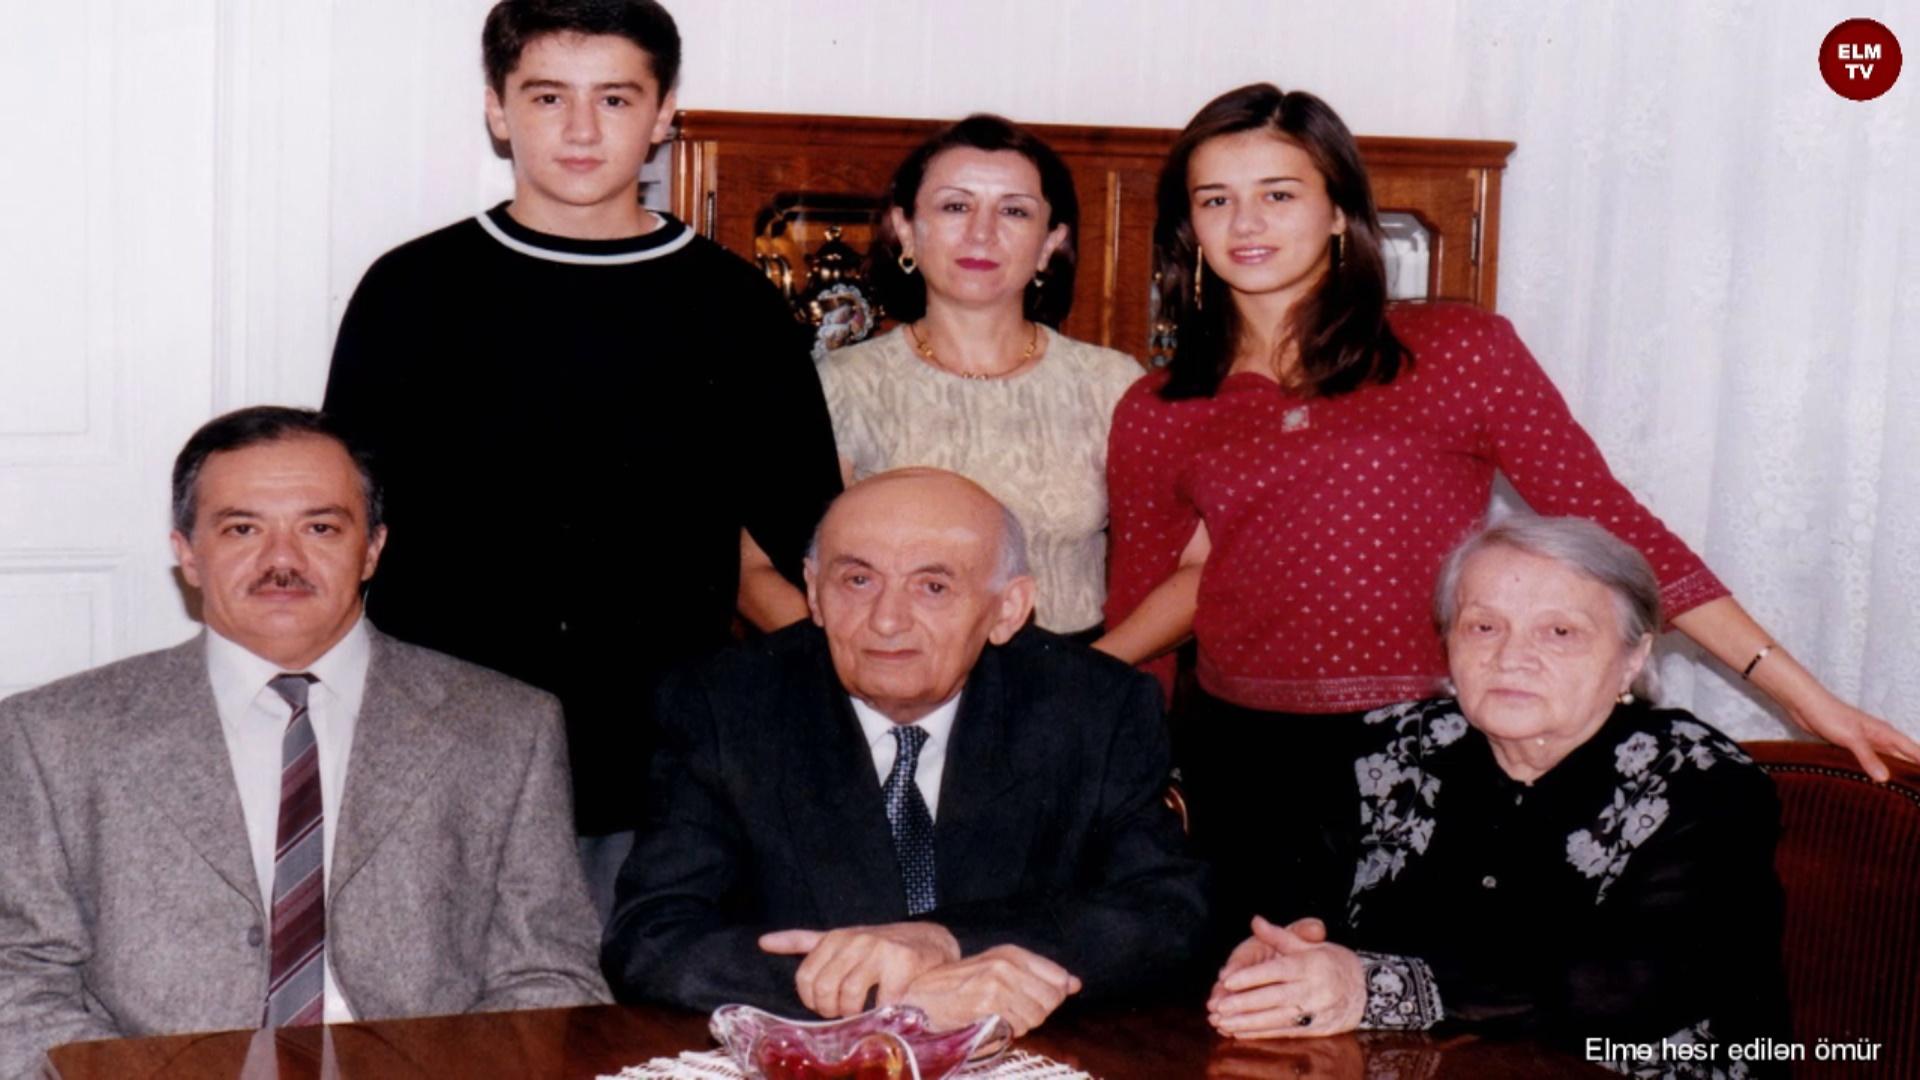 Elmə həsr edilən ömür